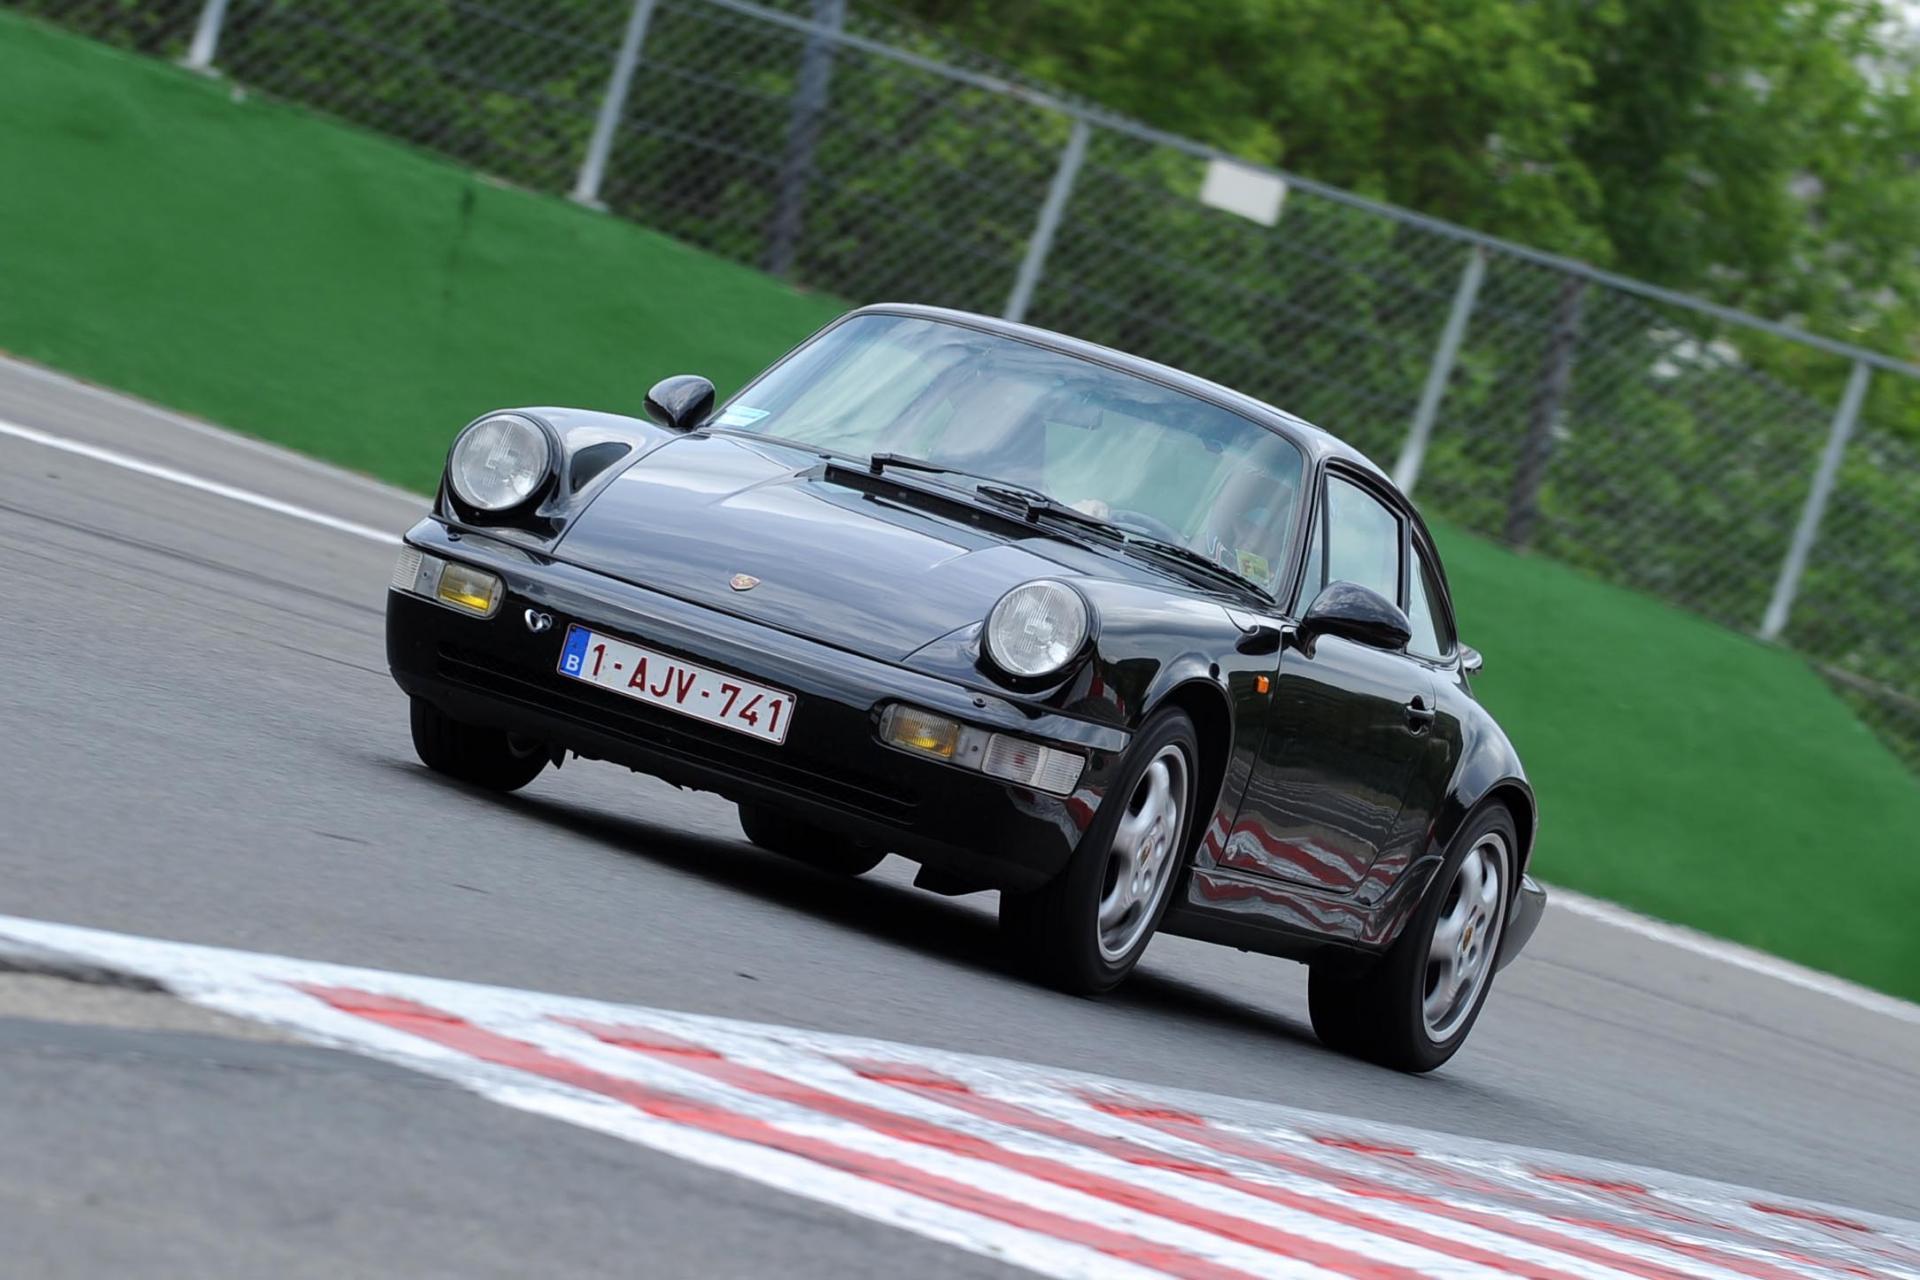 911 youngtimer - Porsche 964 - Production